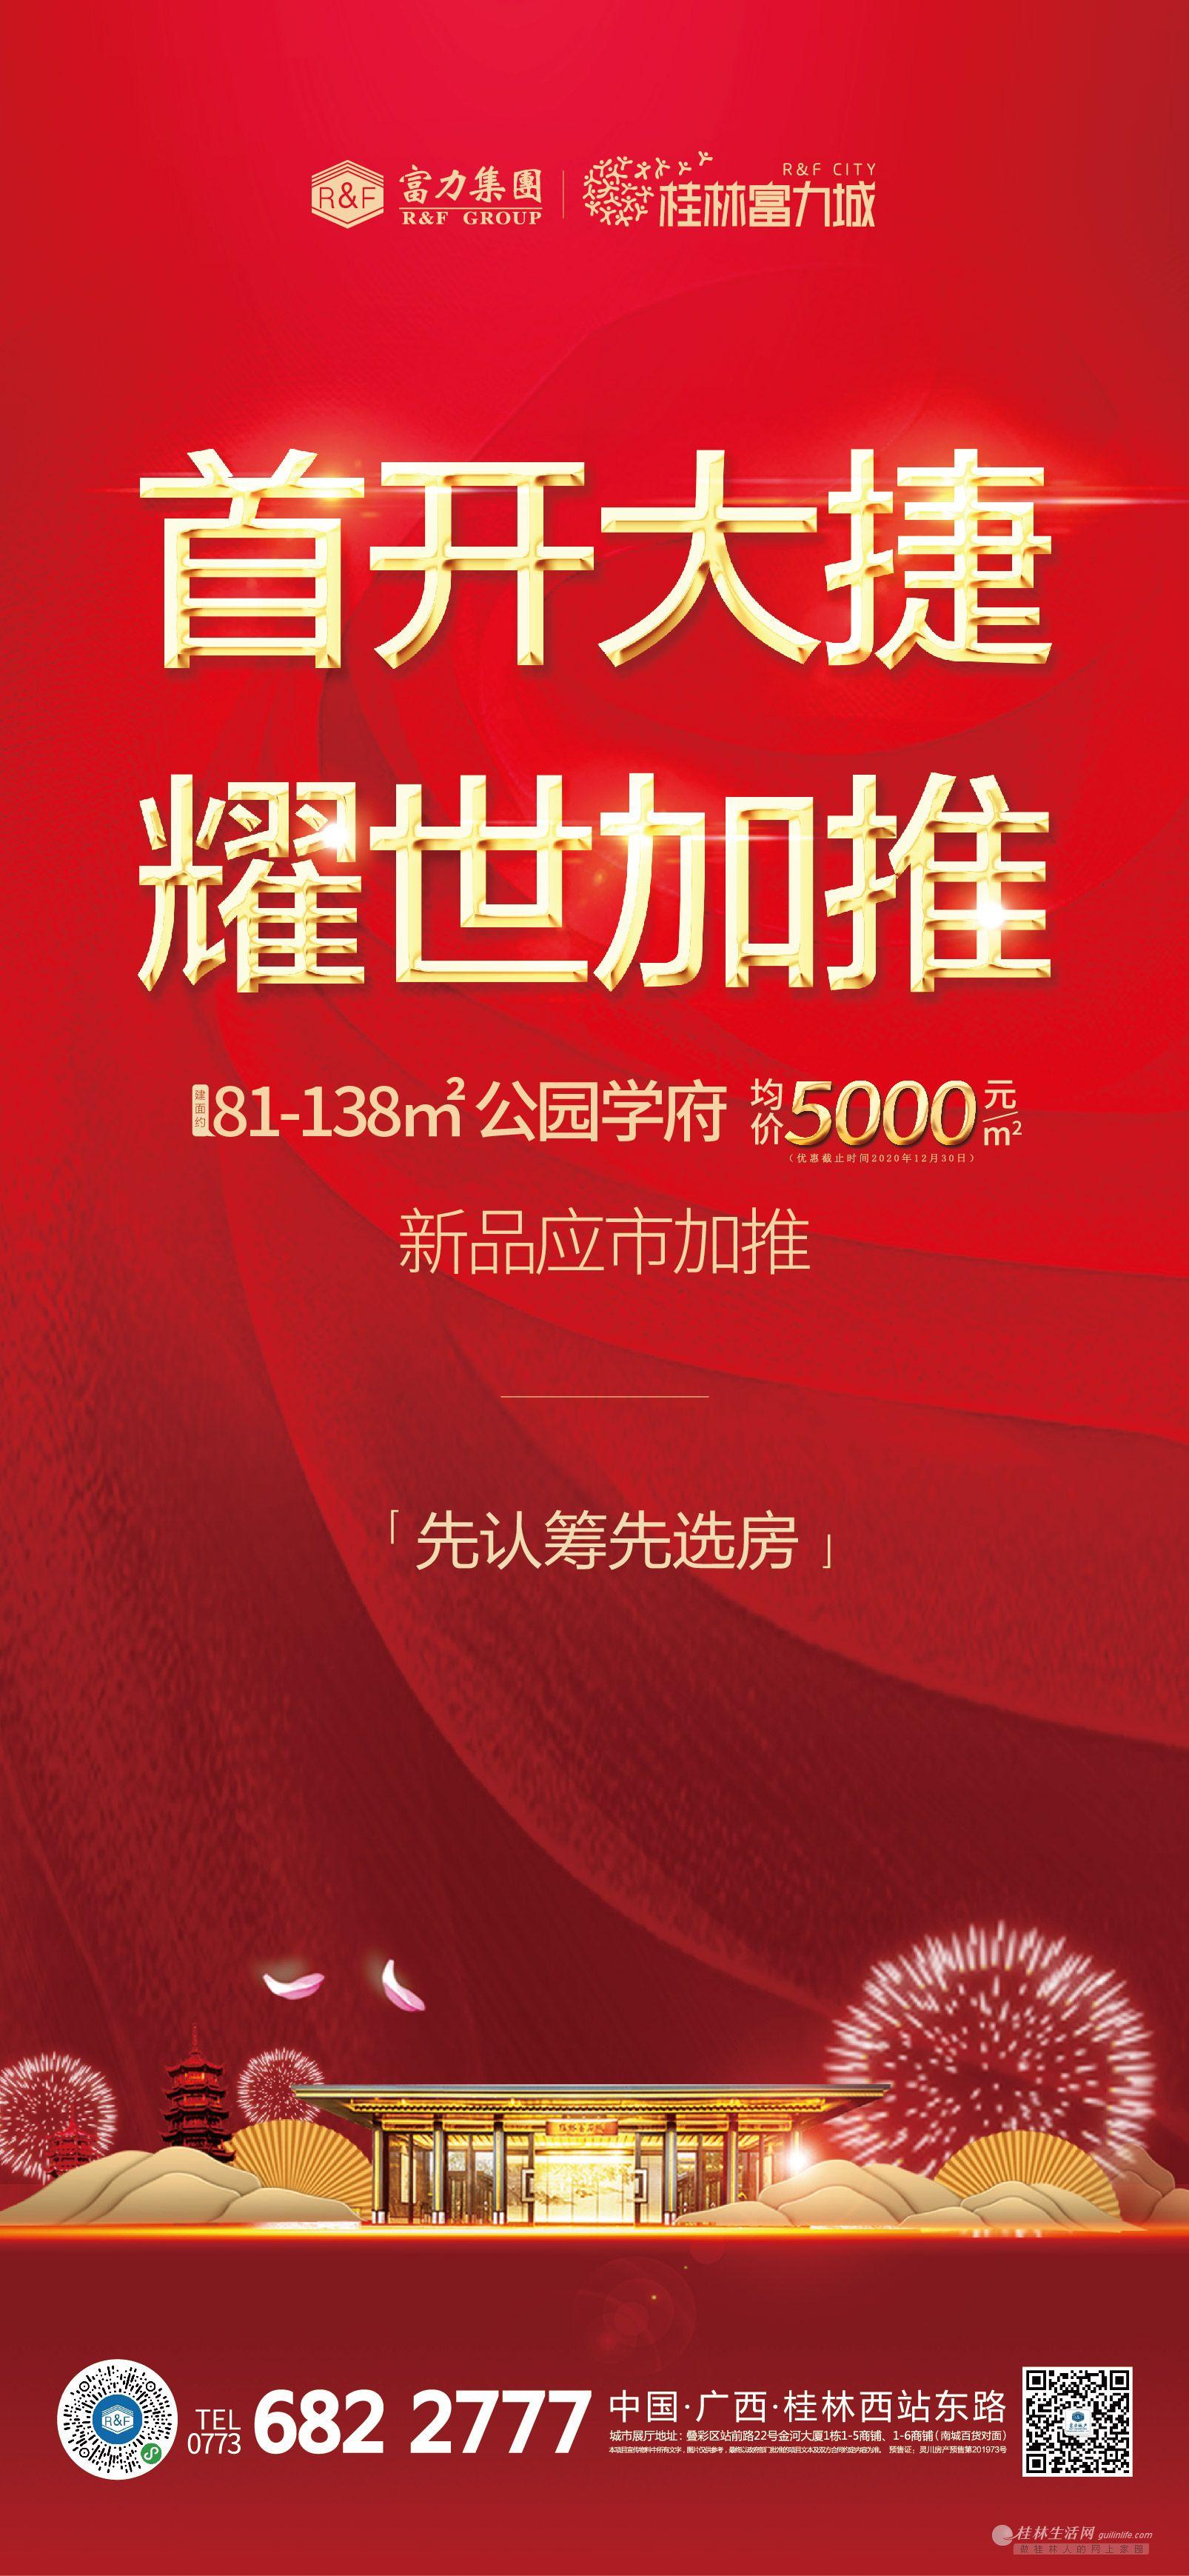 桂林富力城新品应市加推  新年大礼买房送5折车位